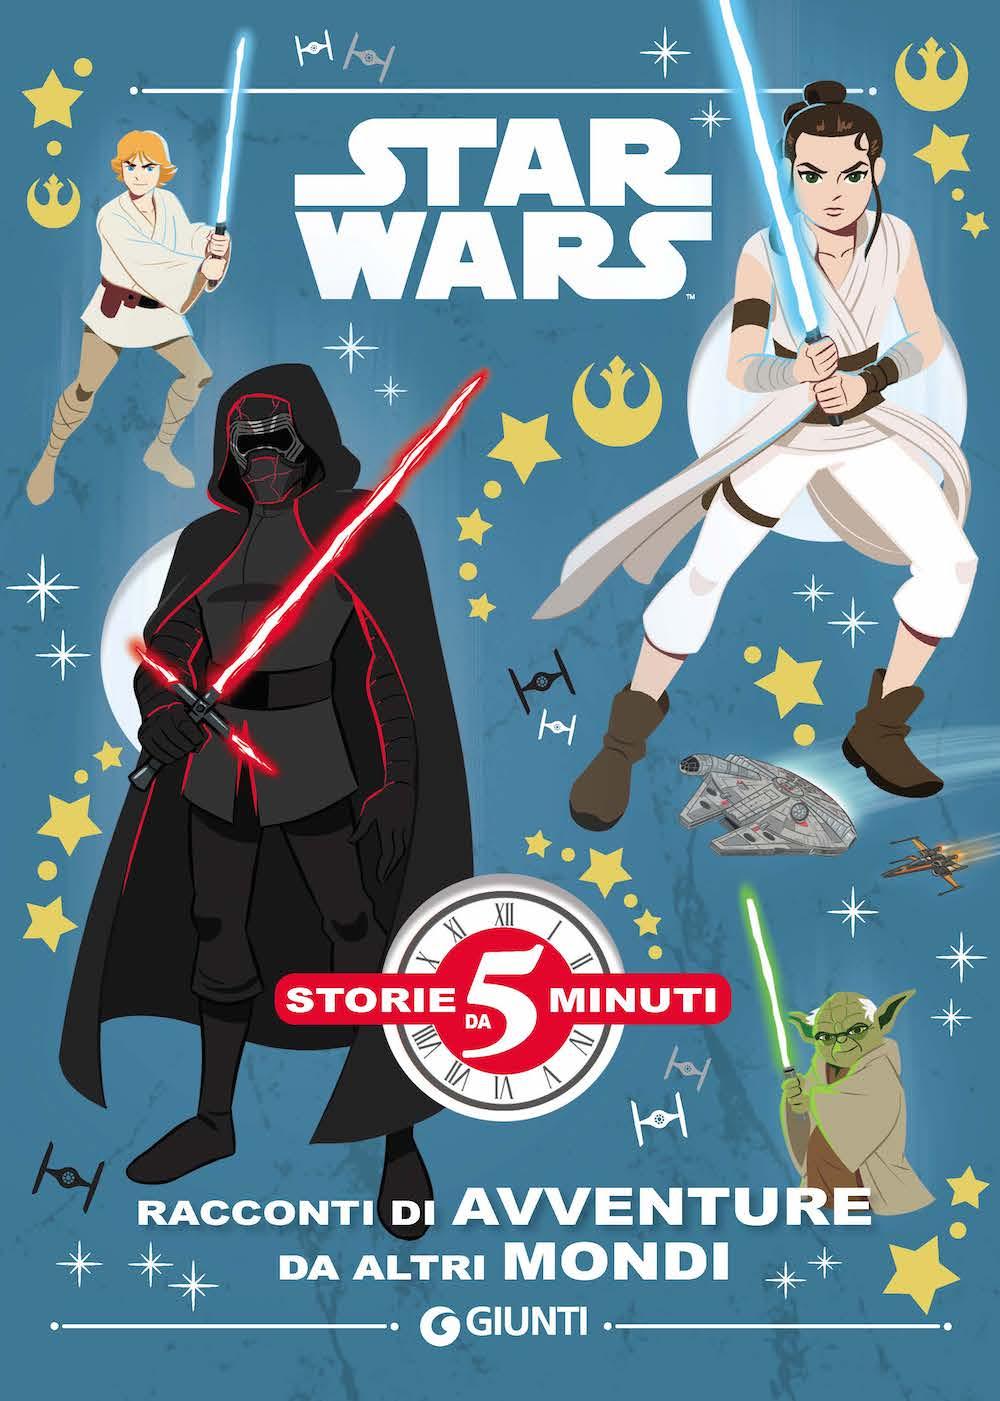 Racconti di avventure da altri mondi Star Wars Storie da 5 minuti